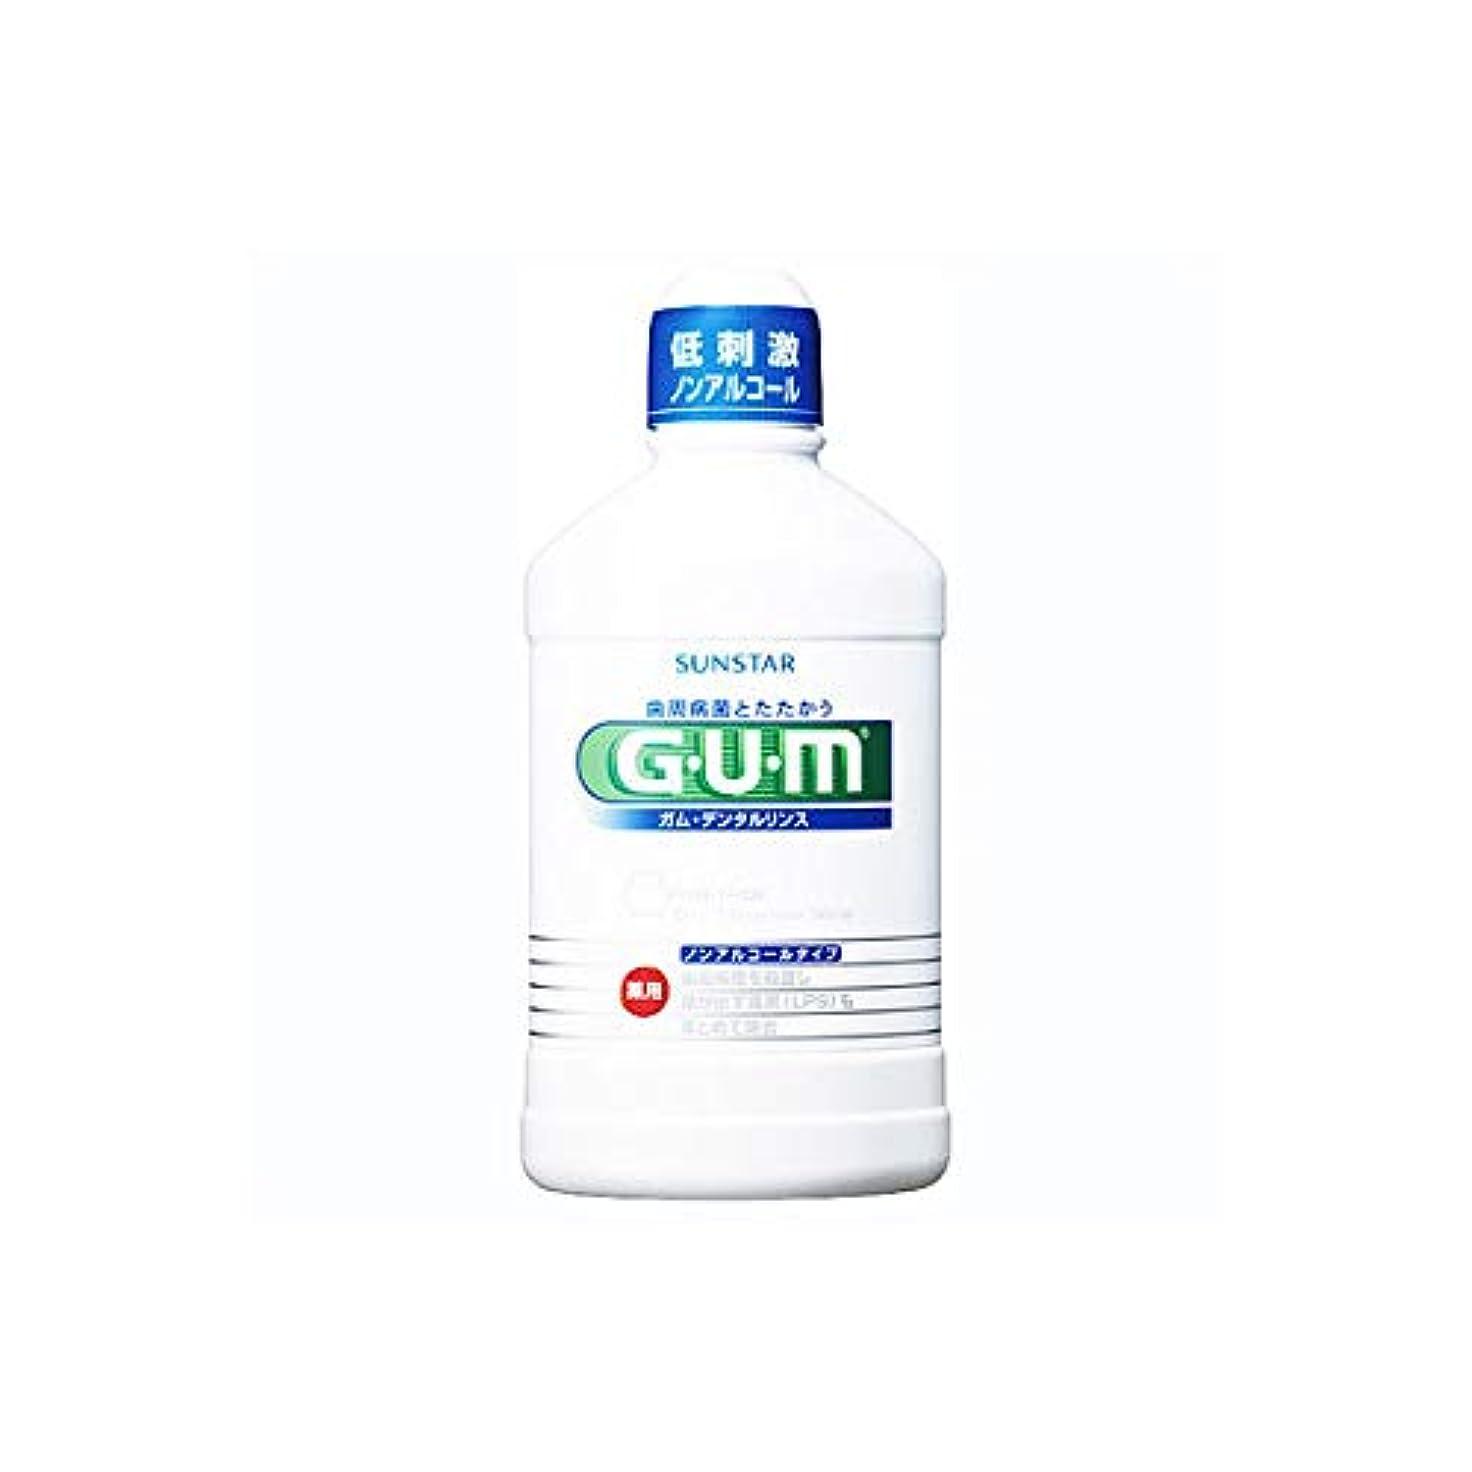 シンポジウムジョリー学ぶGUM(ガム)?デンタルリンス (ノンアルコールタイプ) 500mL (医薬部外品)